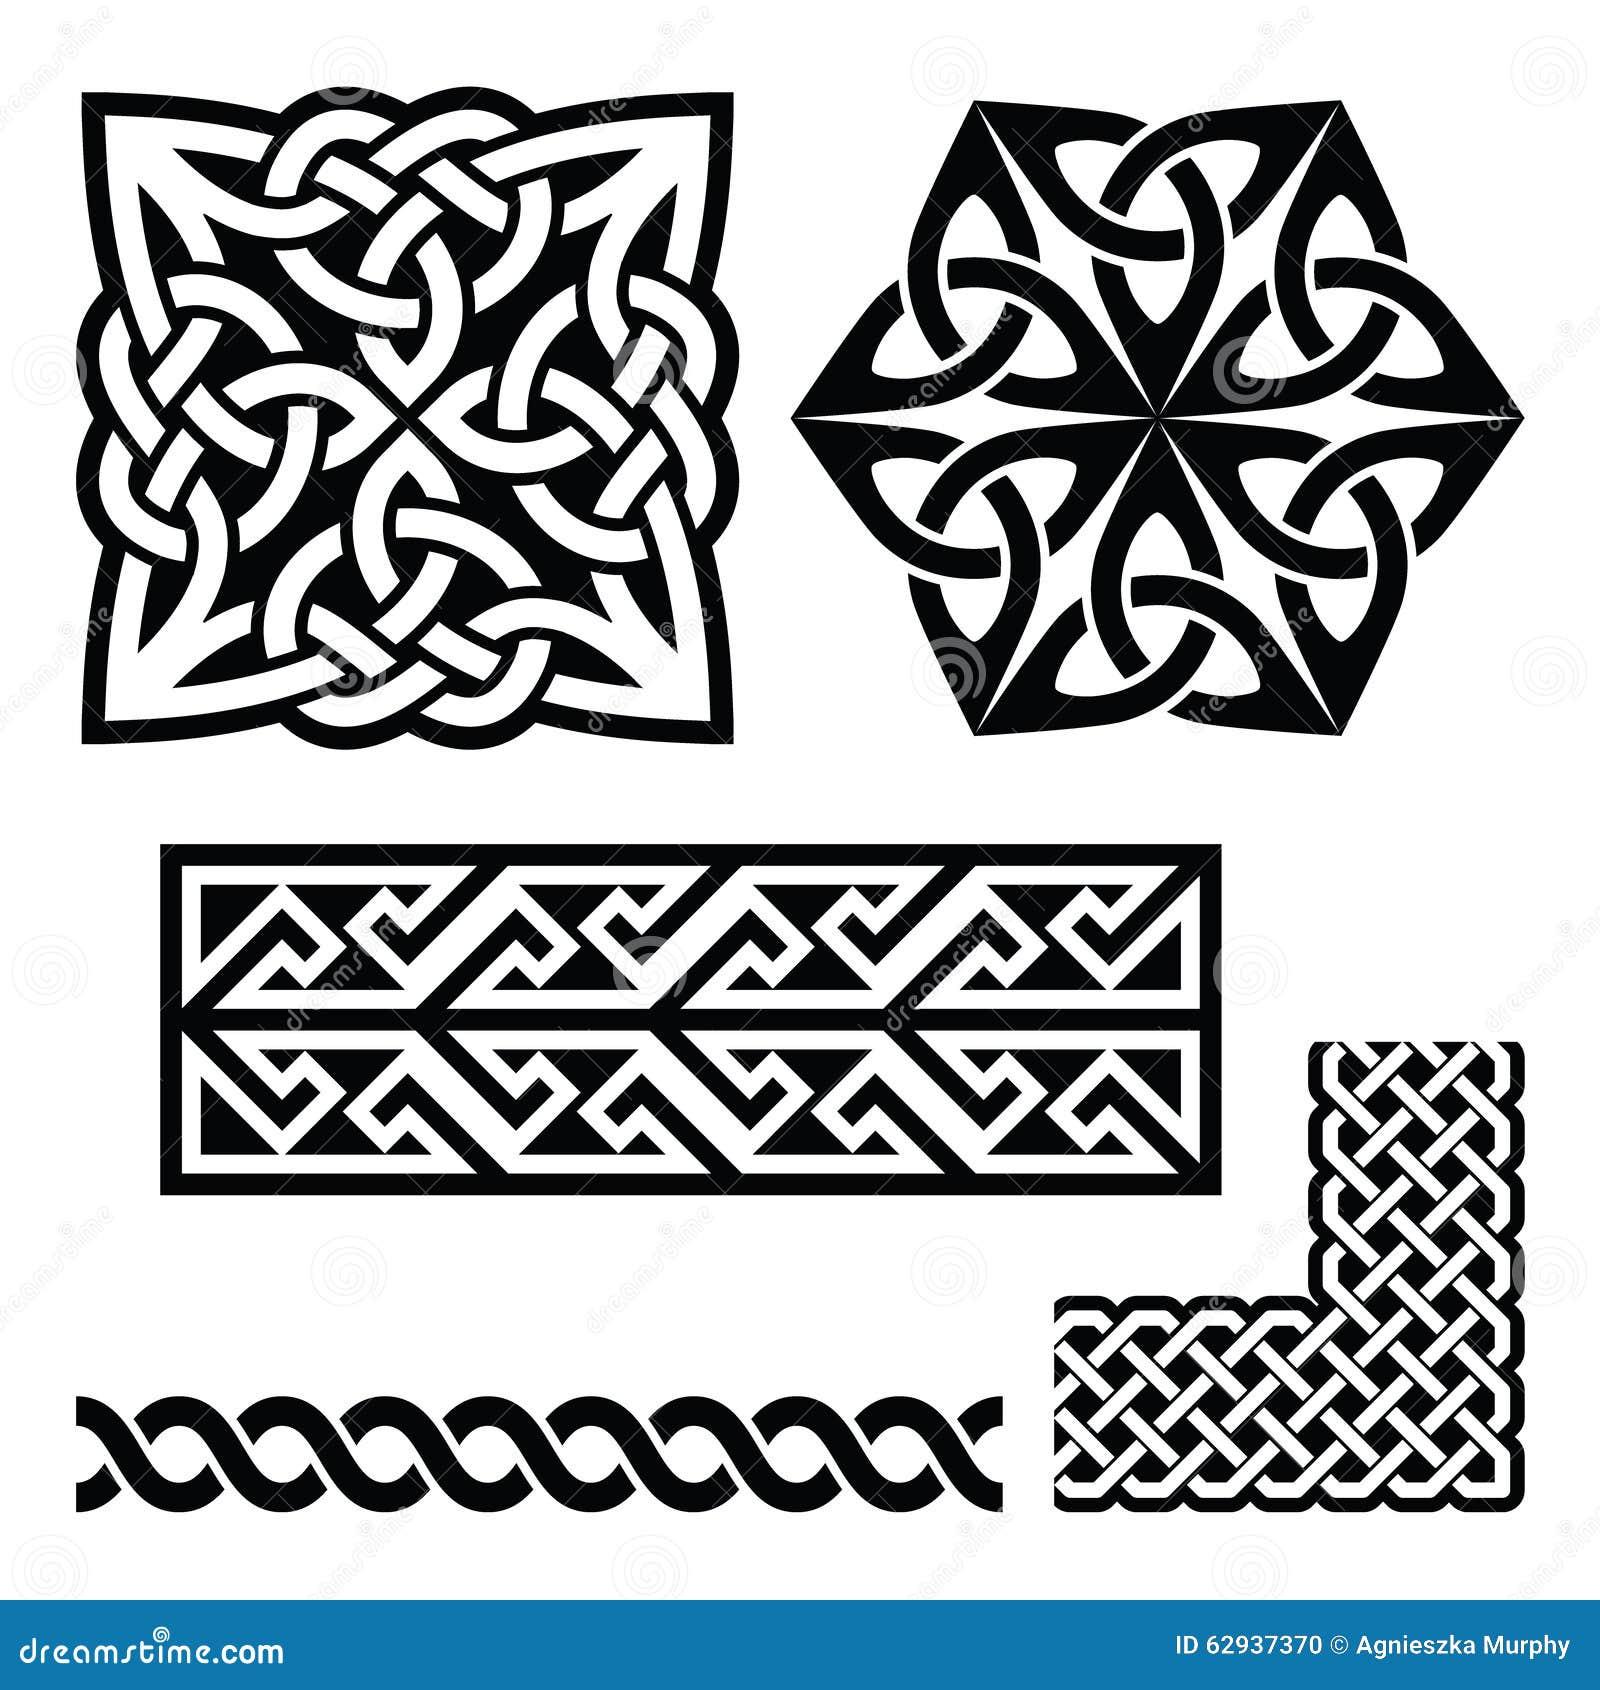 Celtic Irish And Scottish Patterns Knots Braids Key Patterns